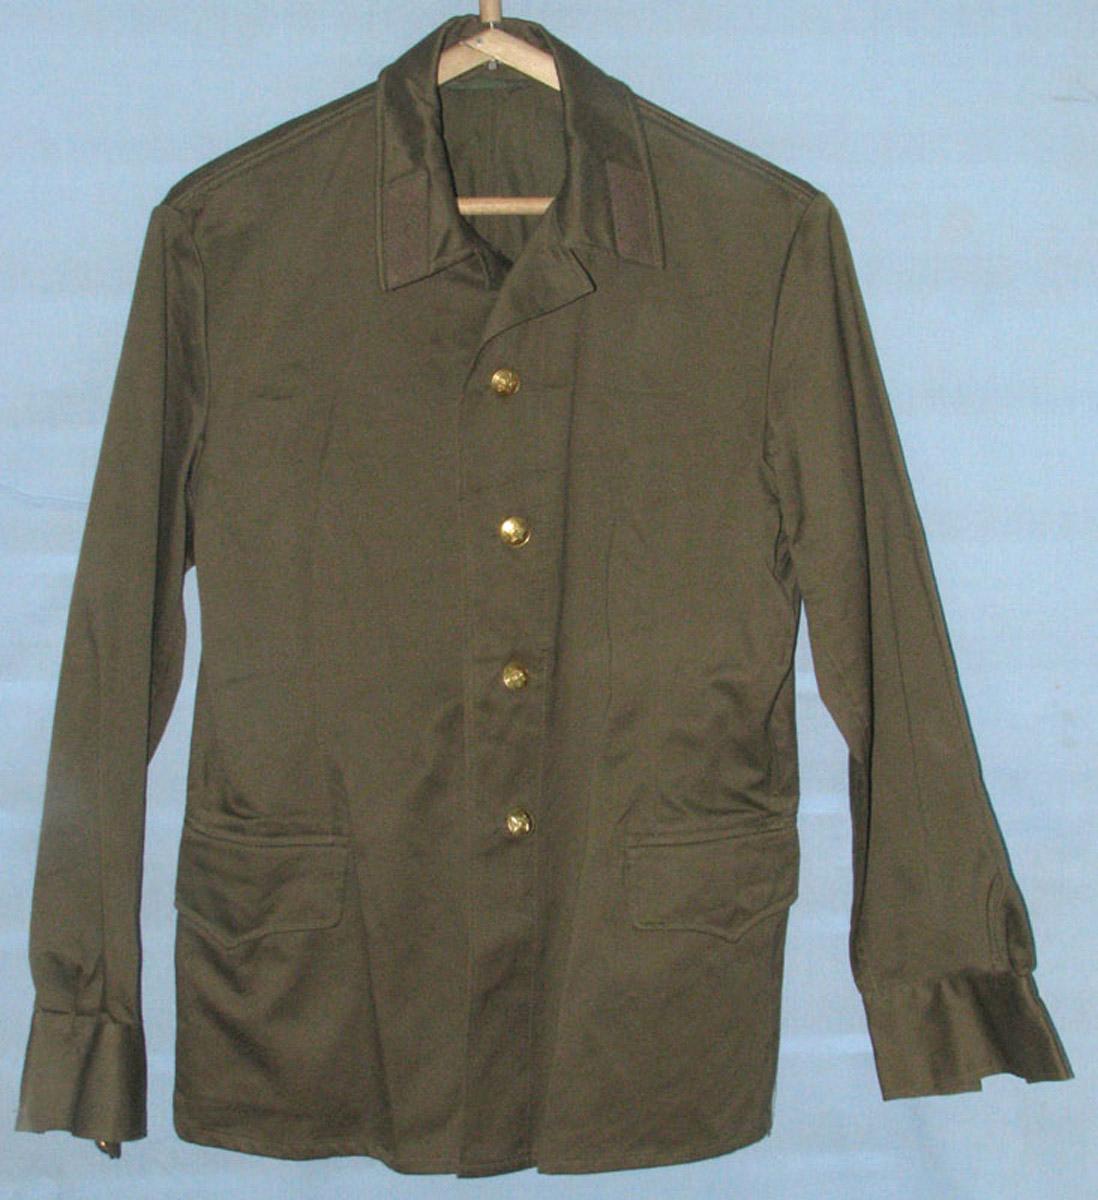 Куртка от полевой формы одежды.